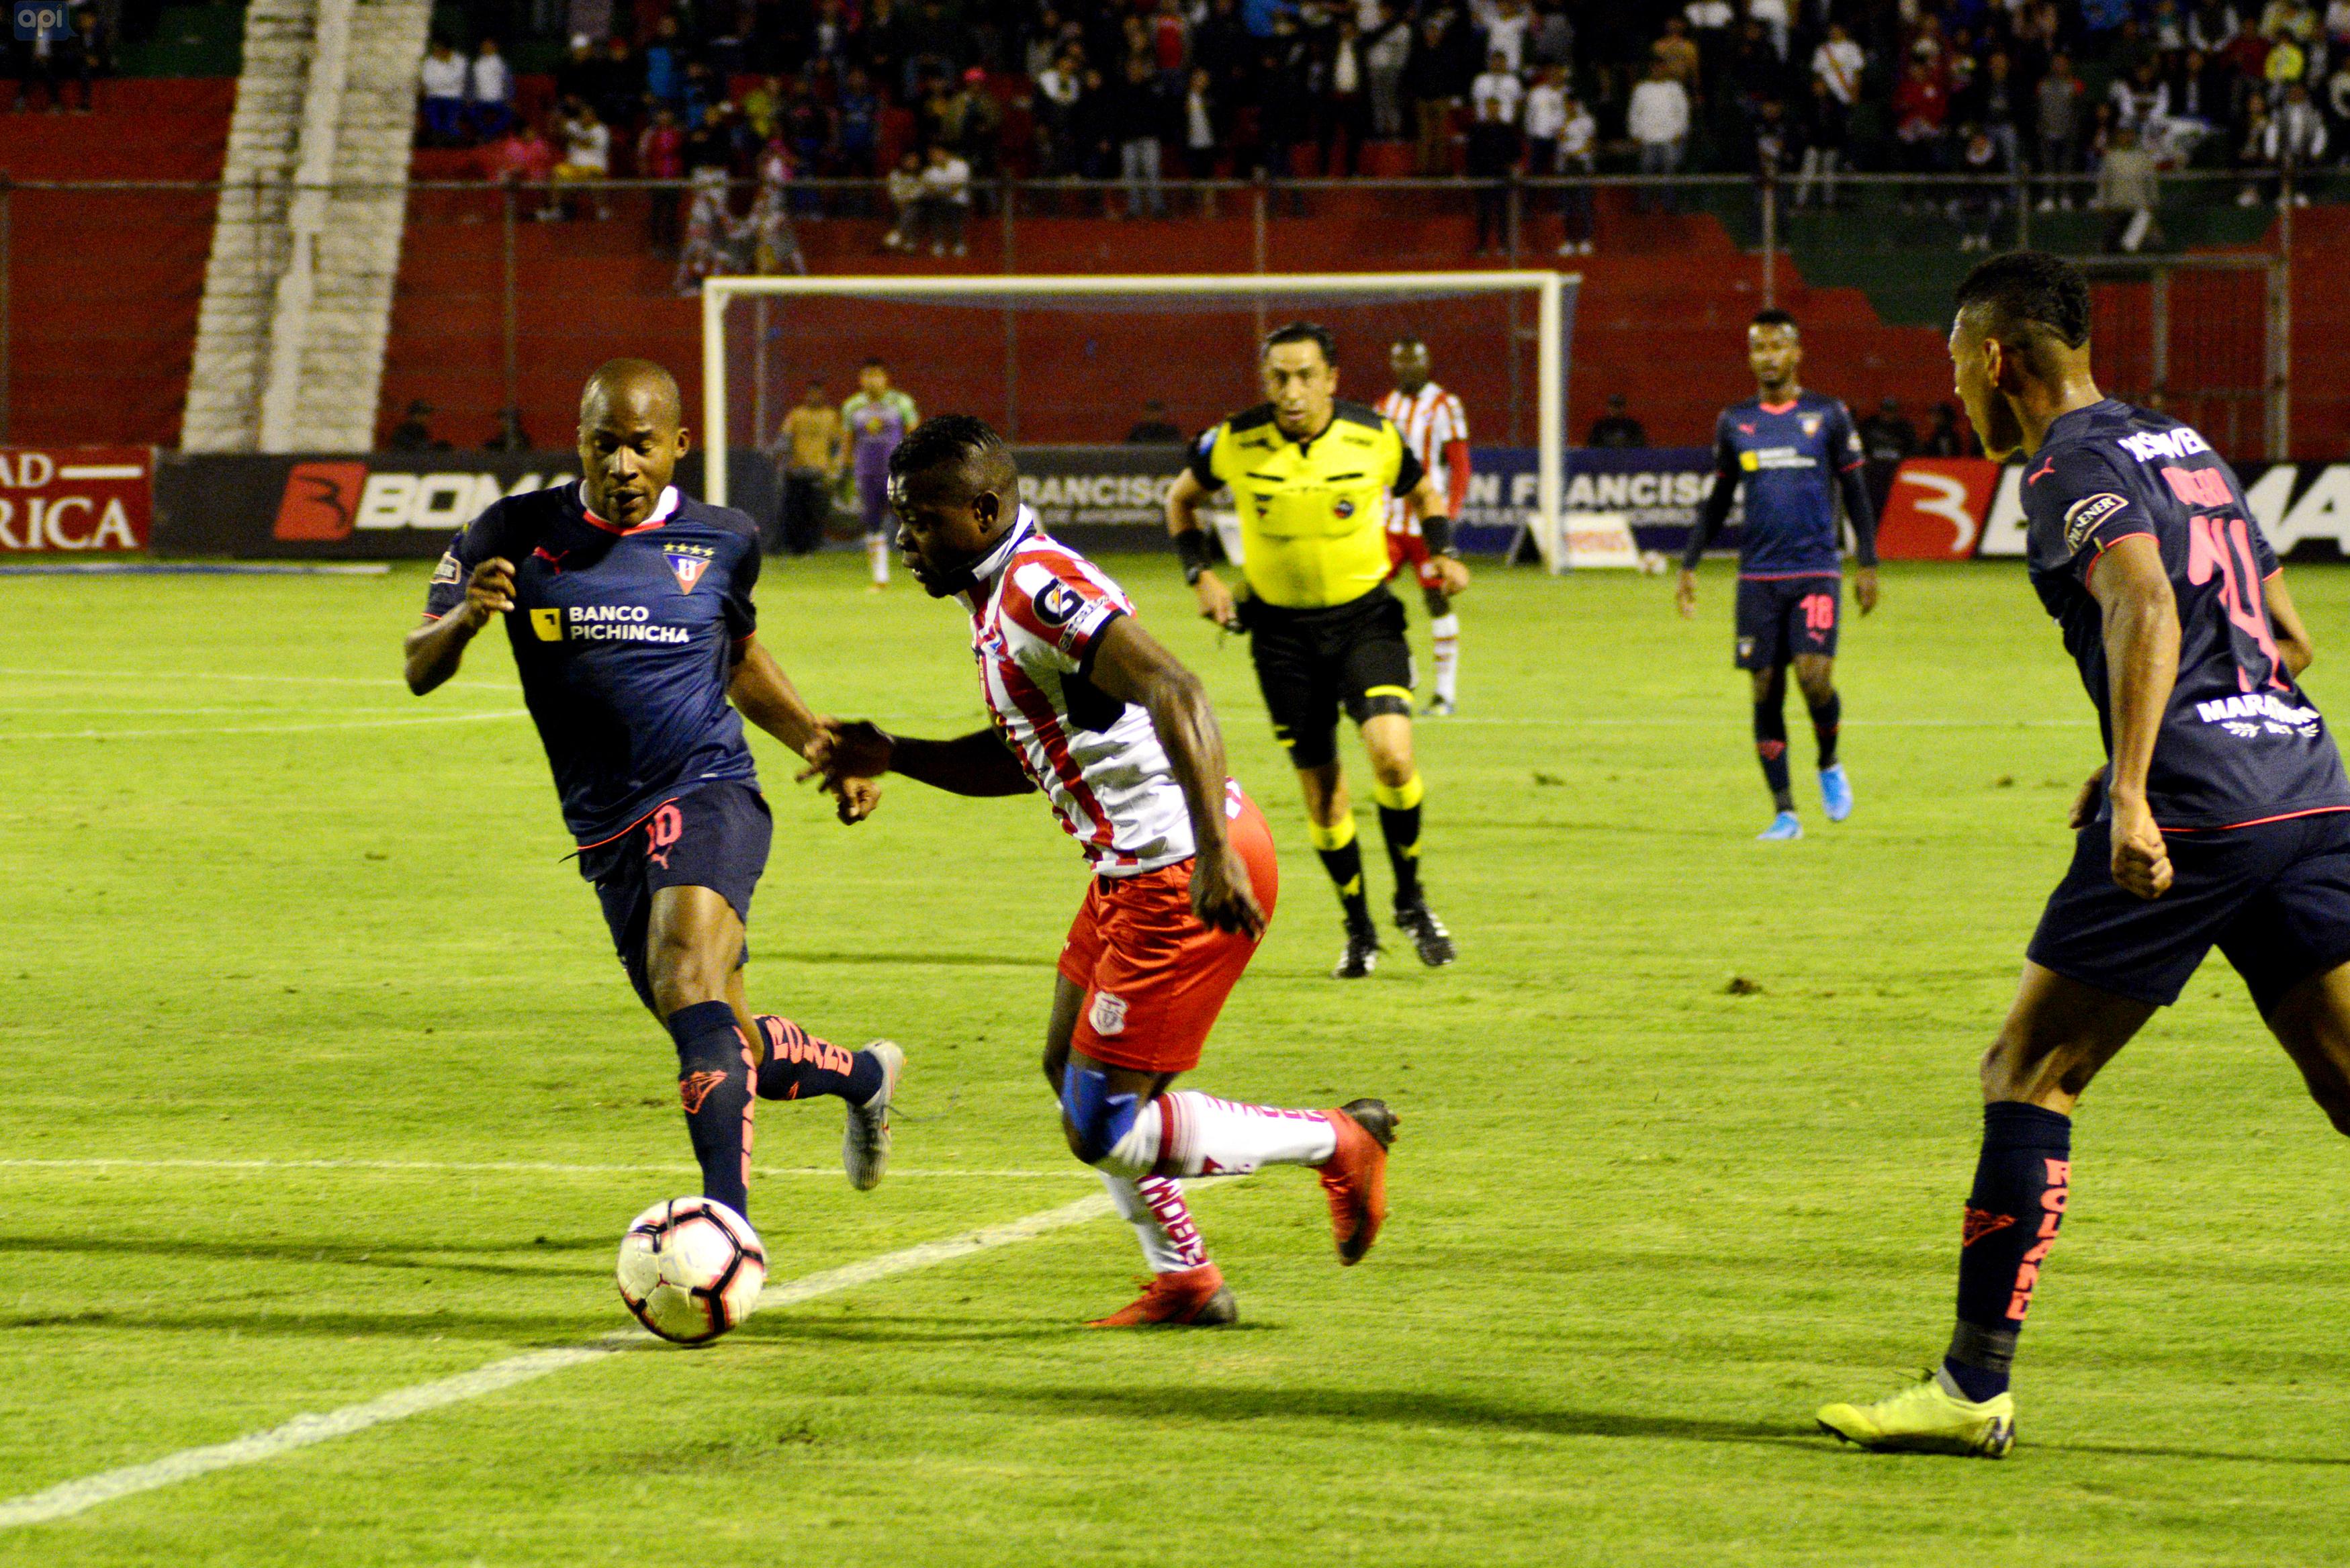 Julio Angulo sabe que el duelo ante Emelec es vital para llegar a los play-offs y se encuentra motivado por conseguir el título junto a Antonio Valencia